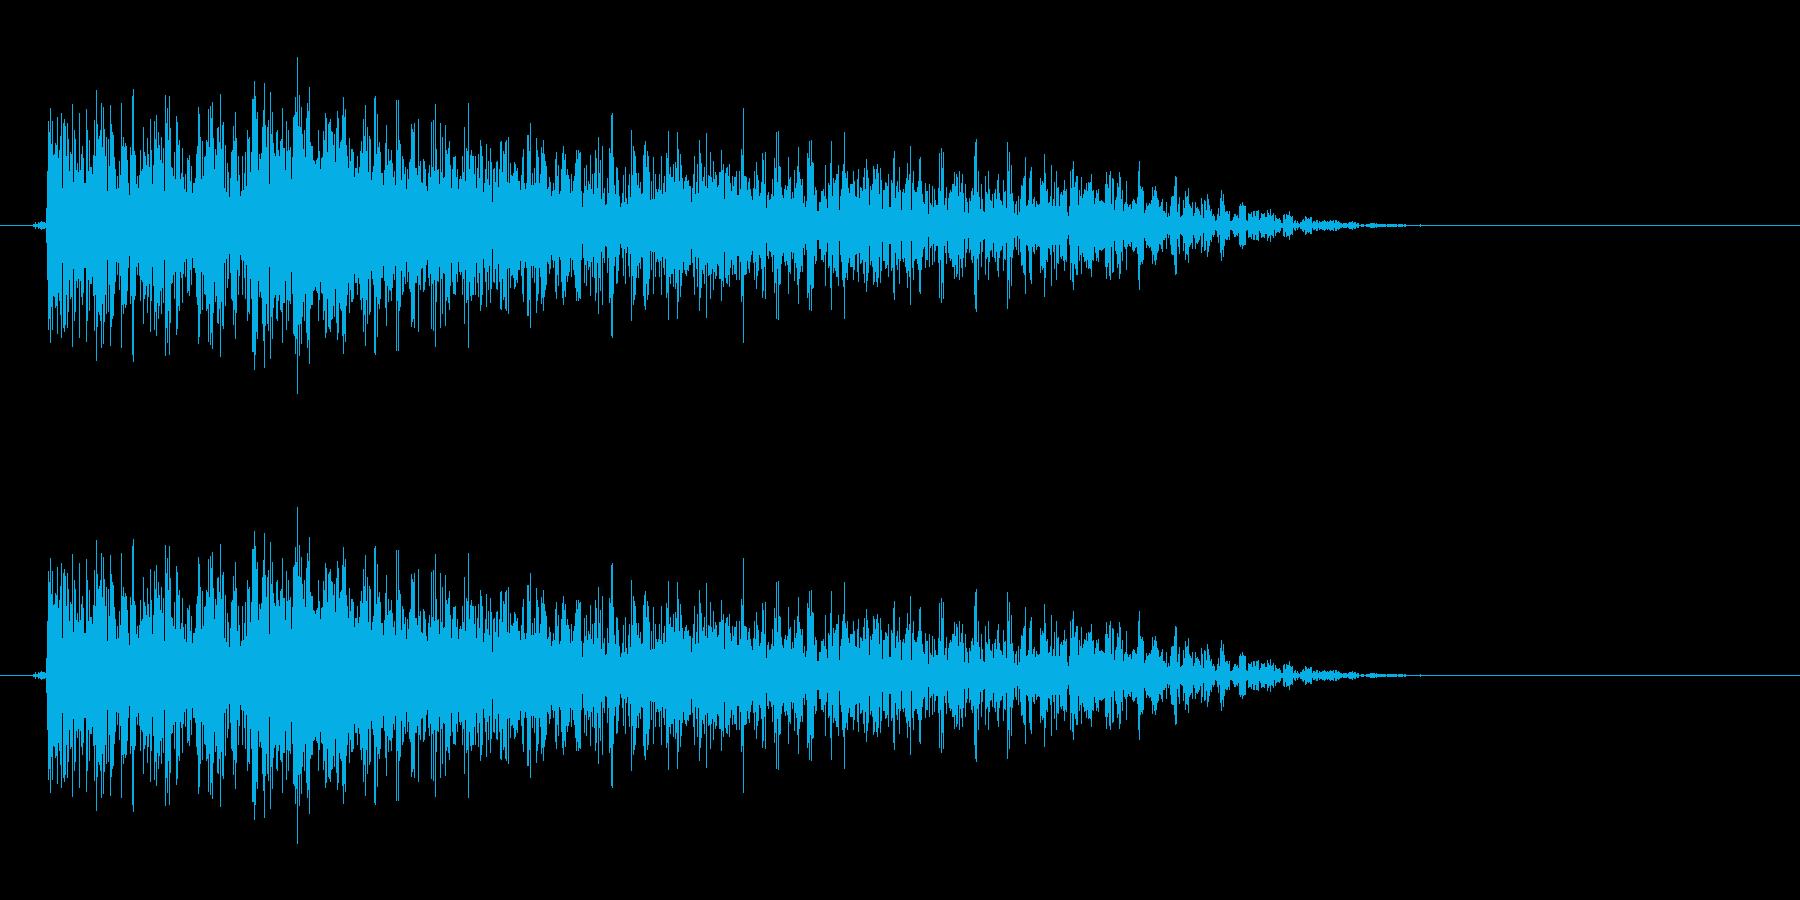 フォークギター太い6弦から1弦へボロロンの再生済みの波形